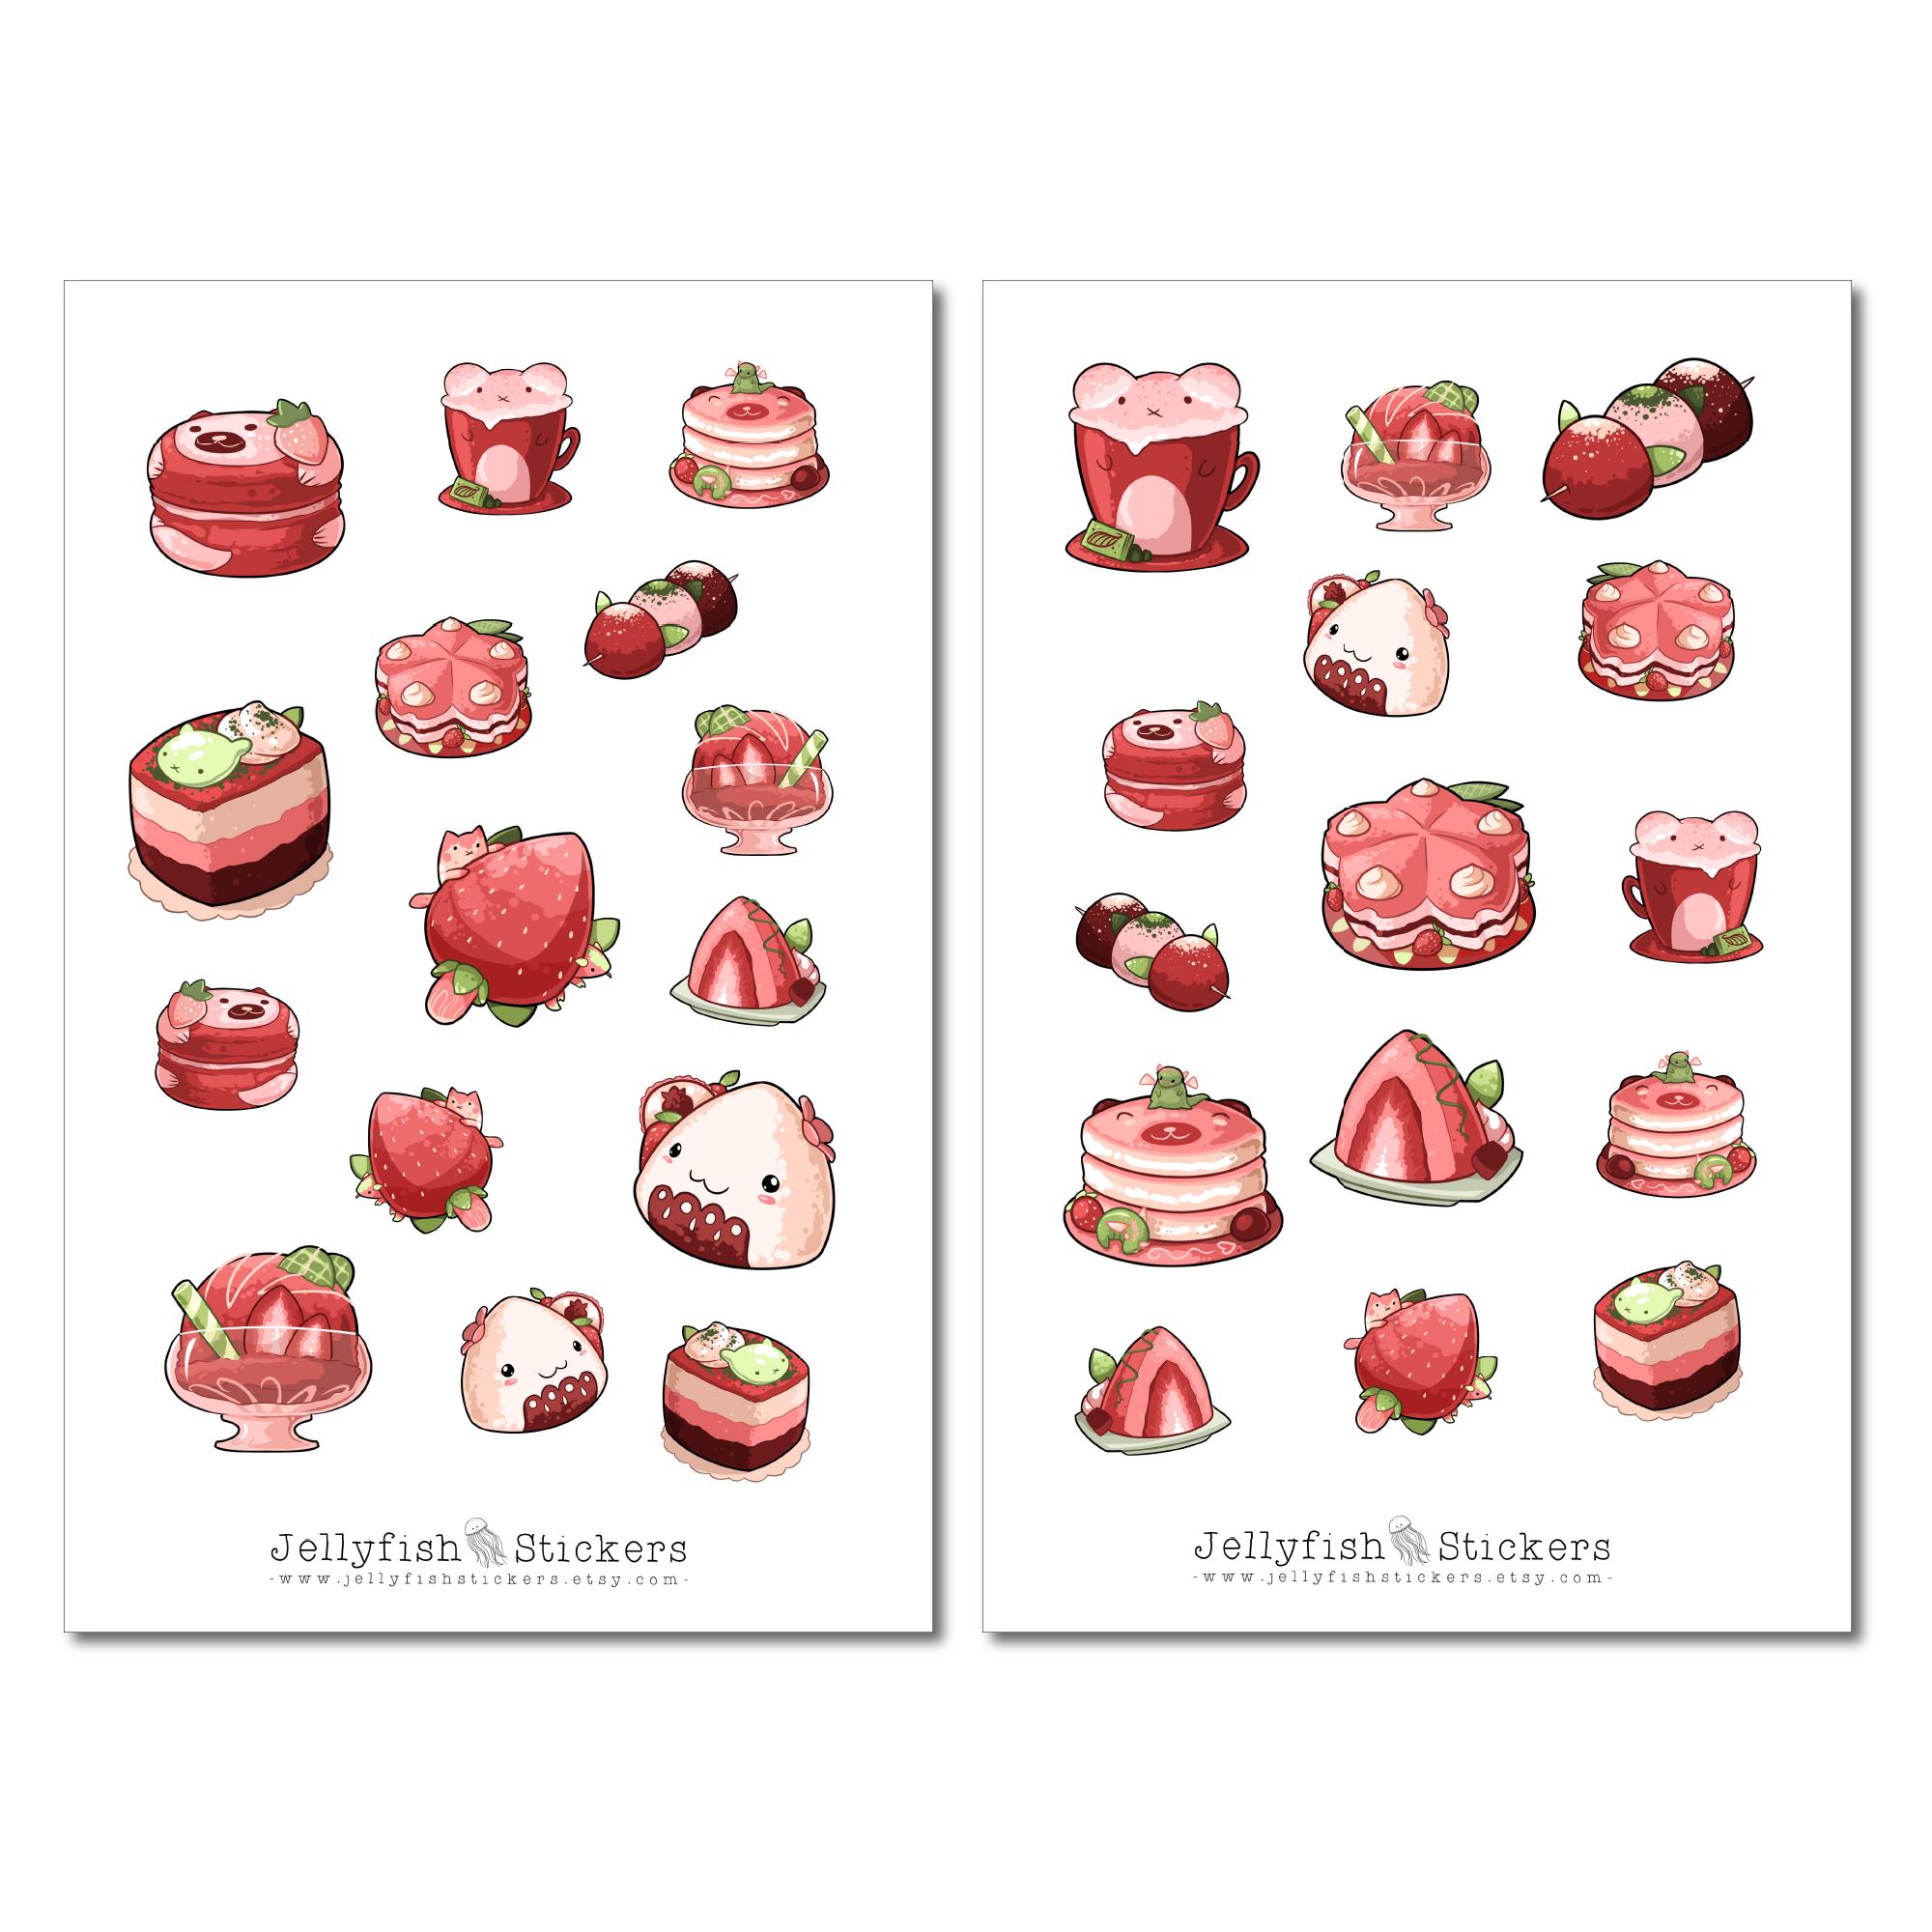 jellyfishstickers  erdbeer desserts sticker set